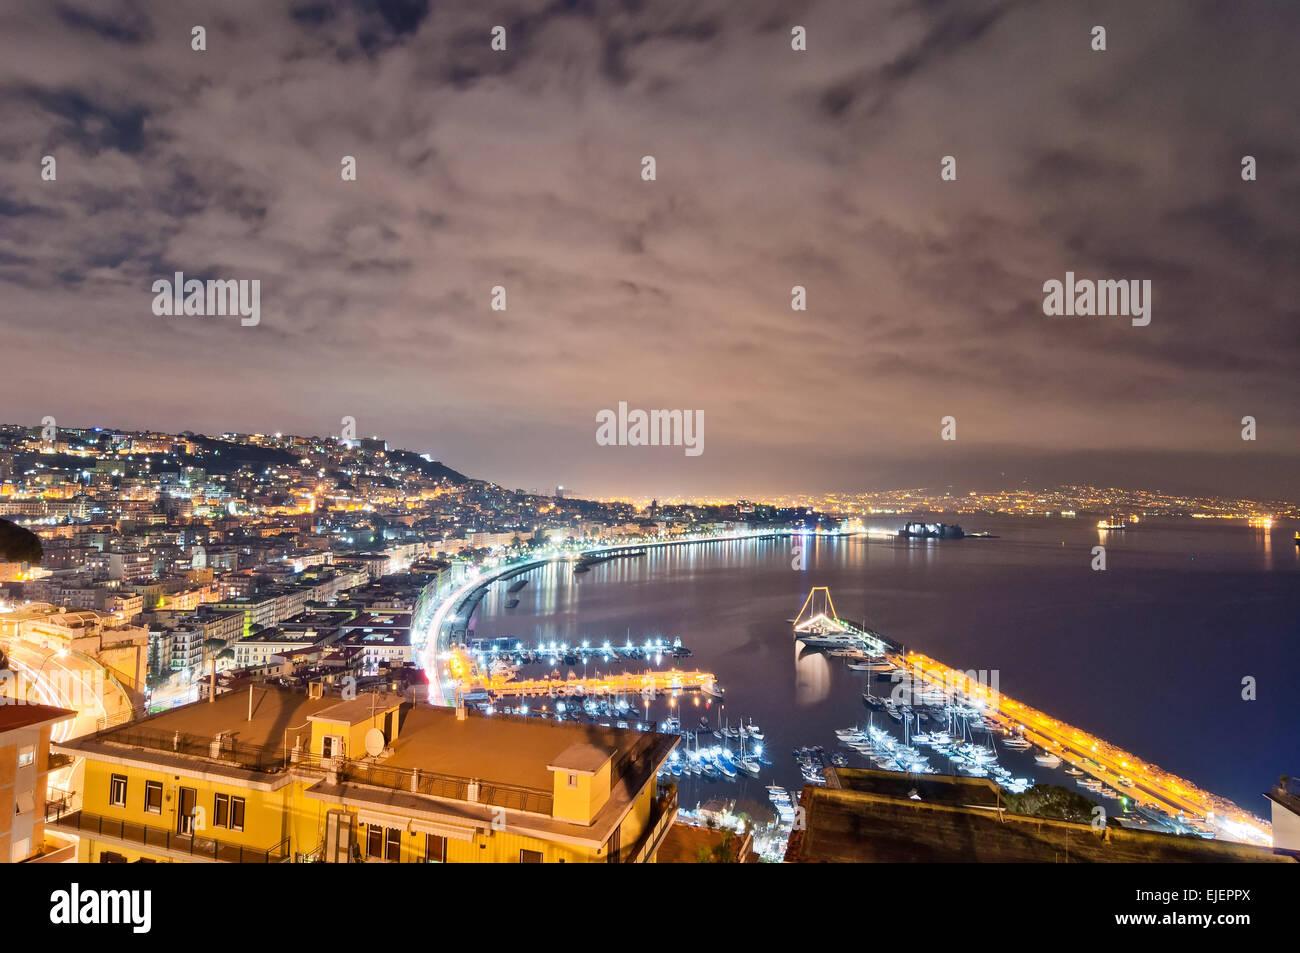 Napoli Di Notte Immagini E Fotos Stock Alamy